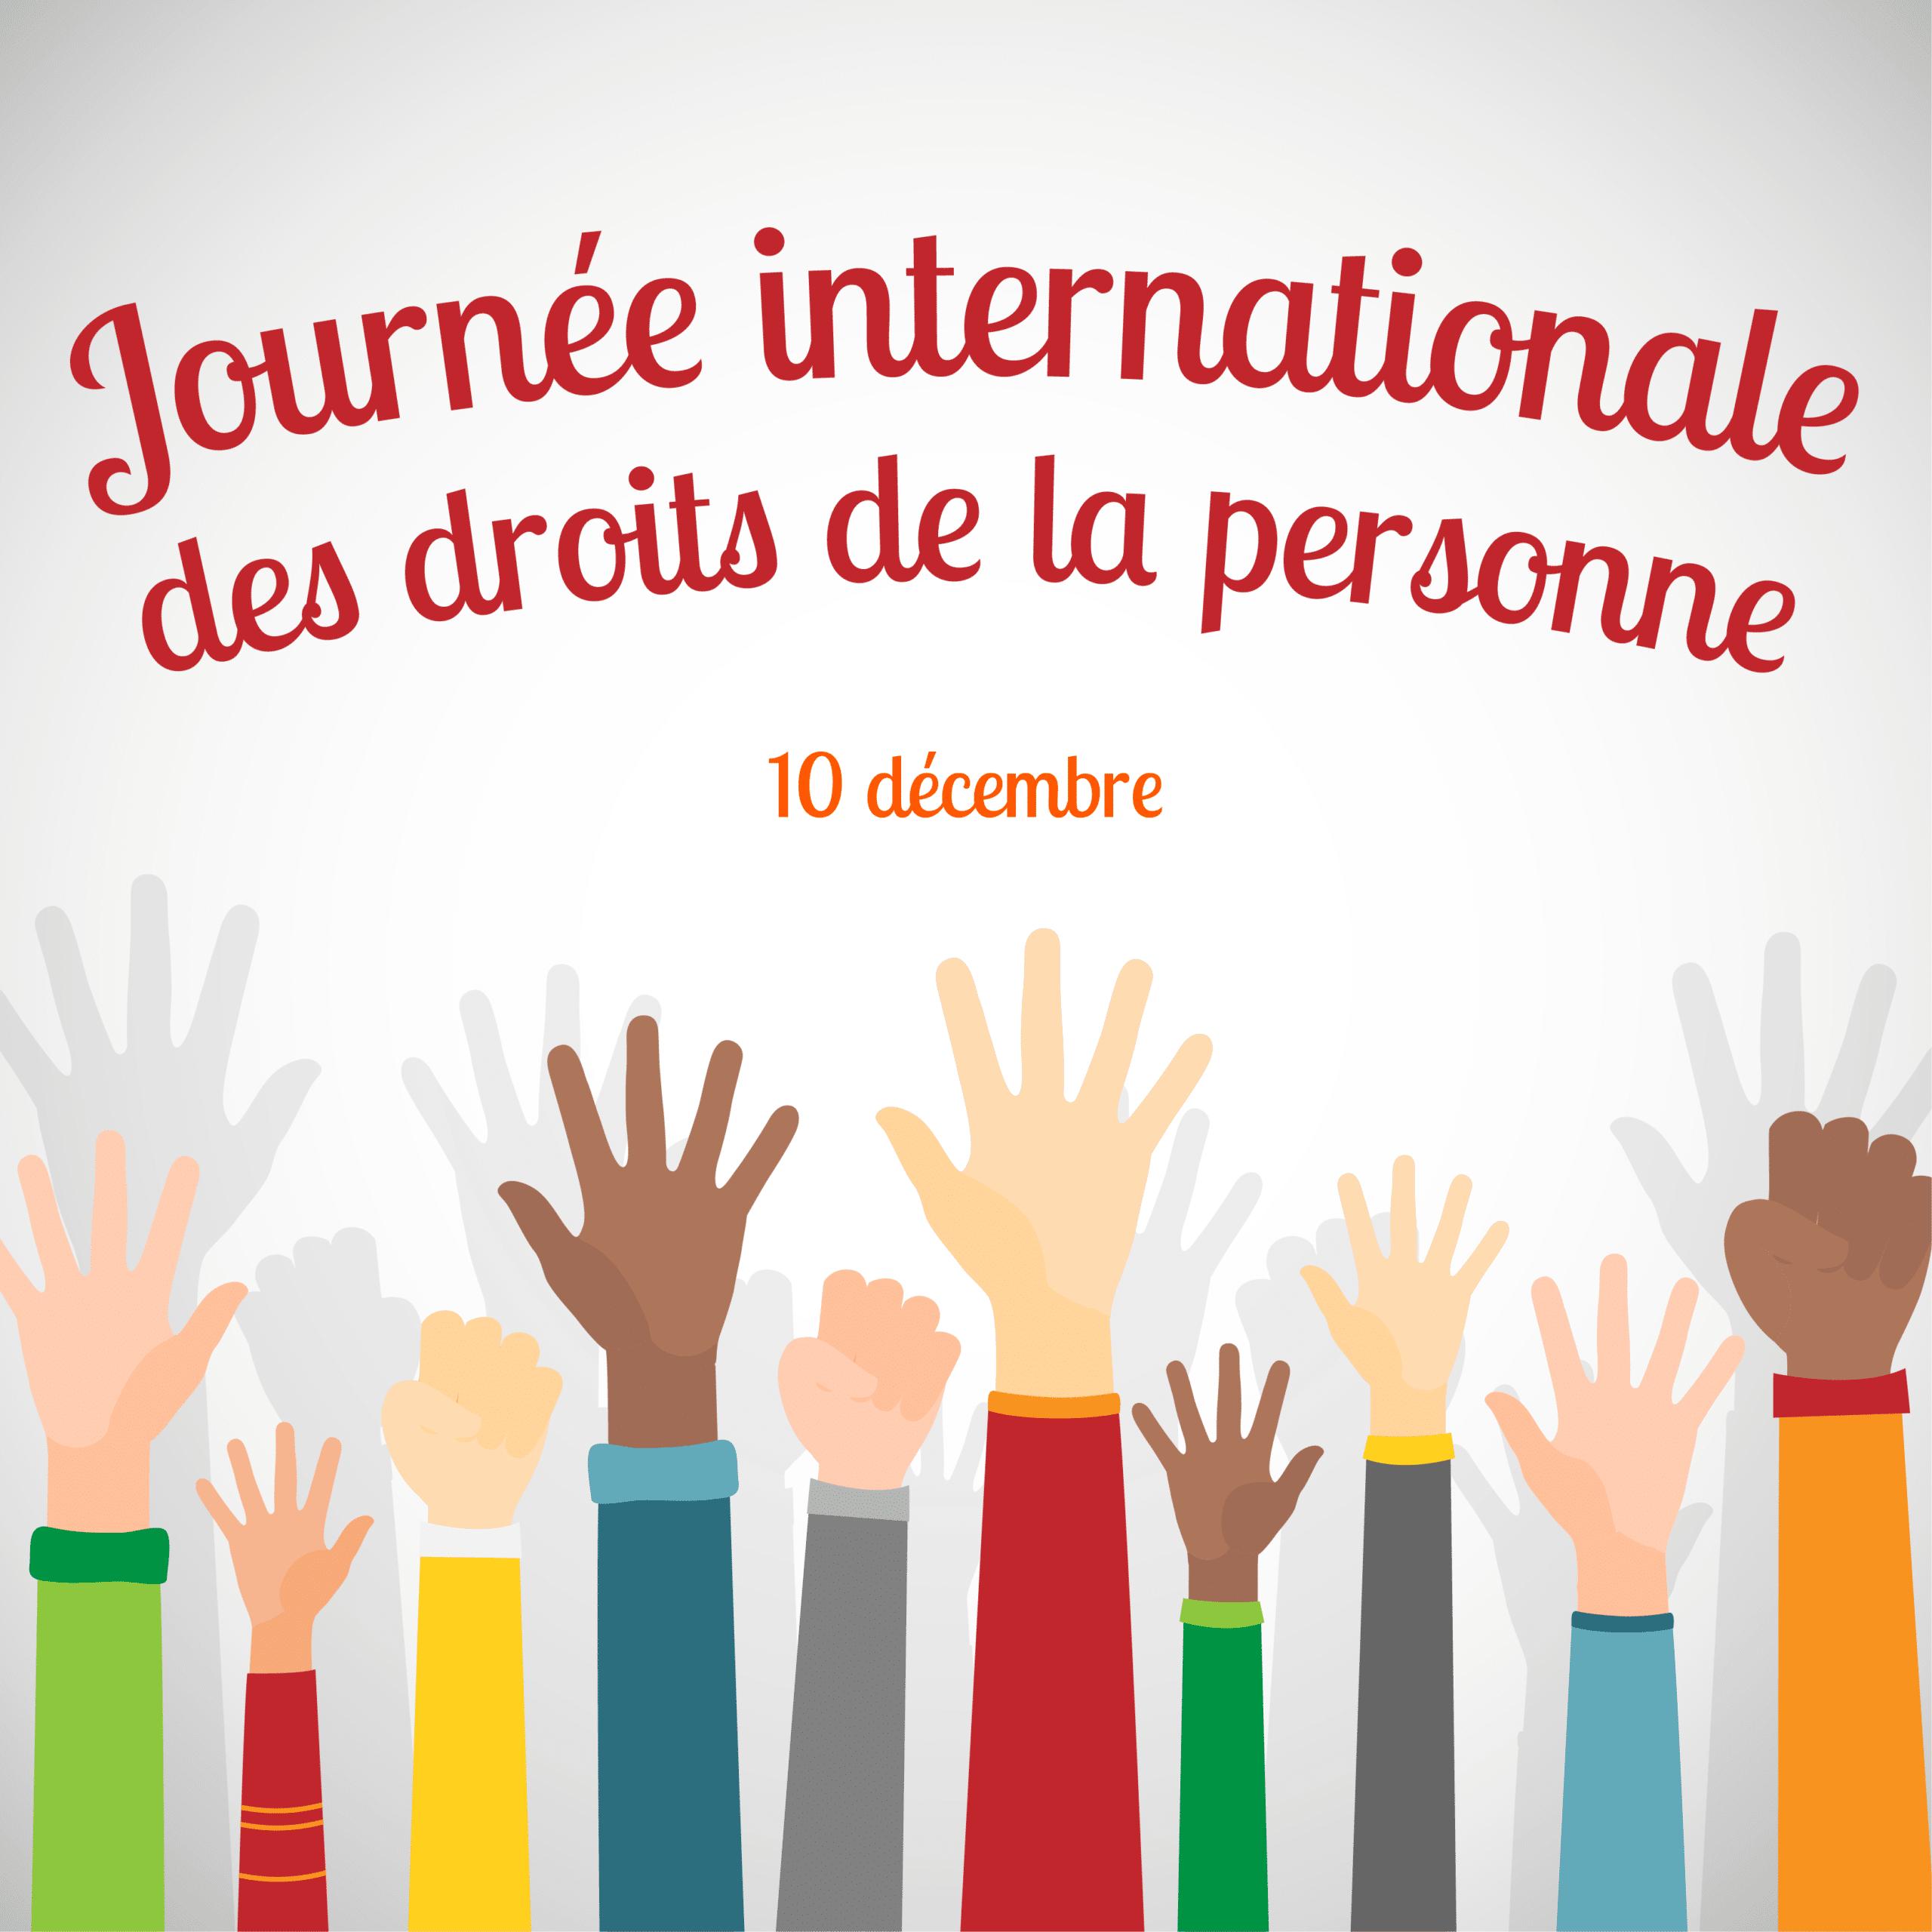 Des bras tendus vers le ciel pour célébrer la Journée internationale des droits de la personne, le 10 décembre